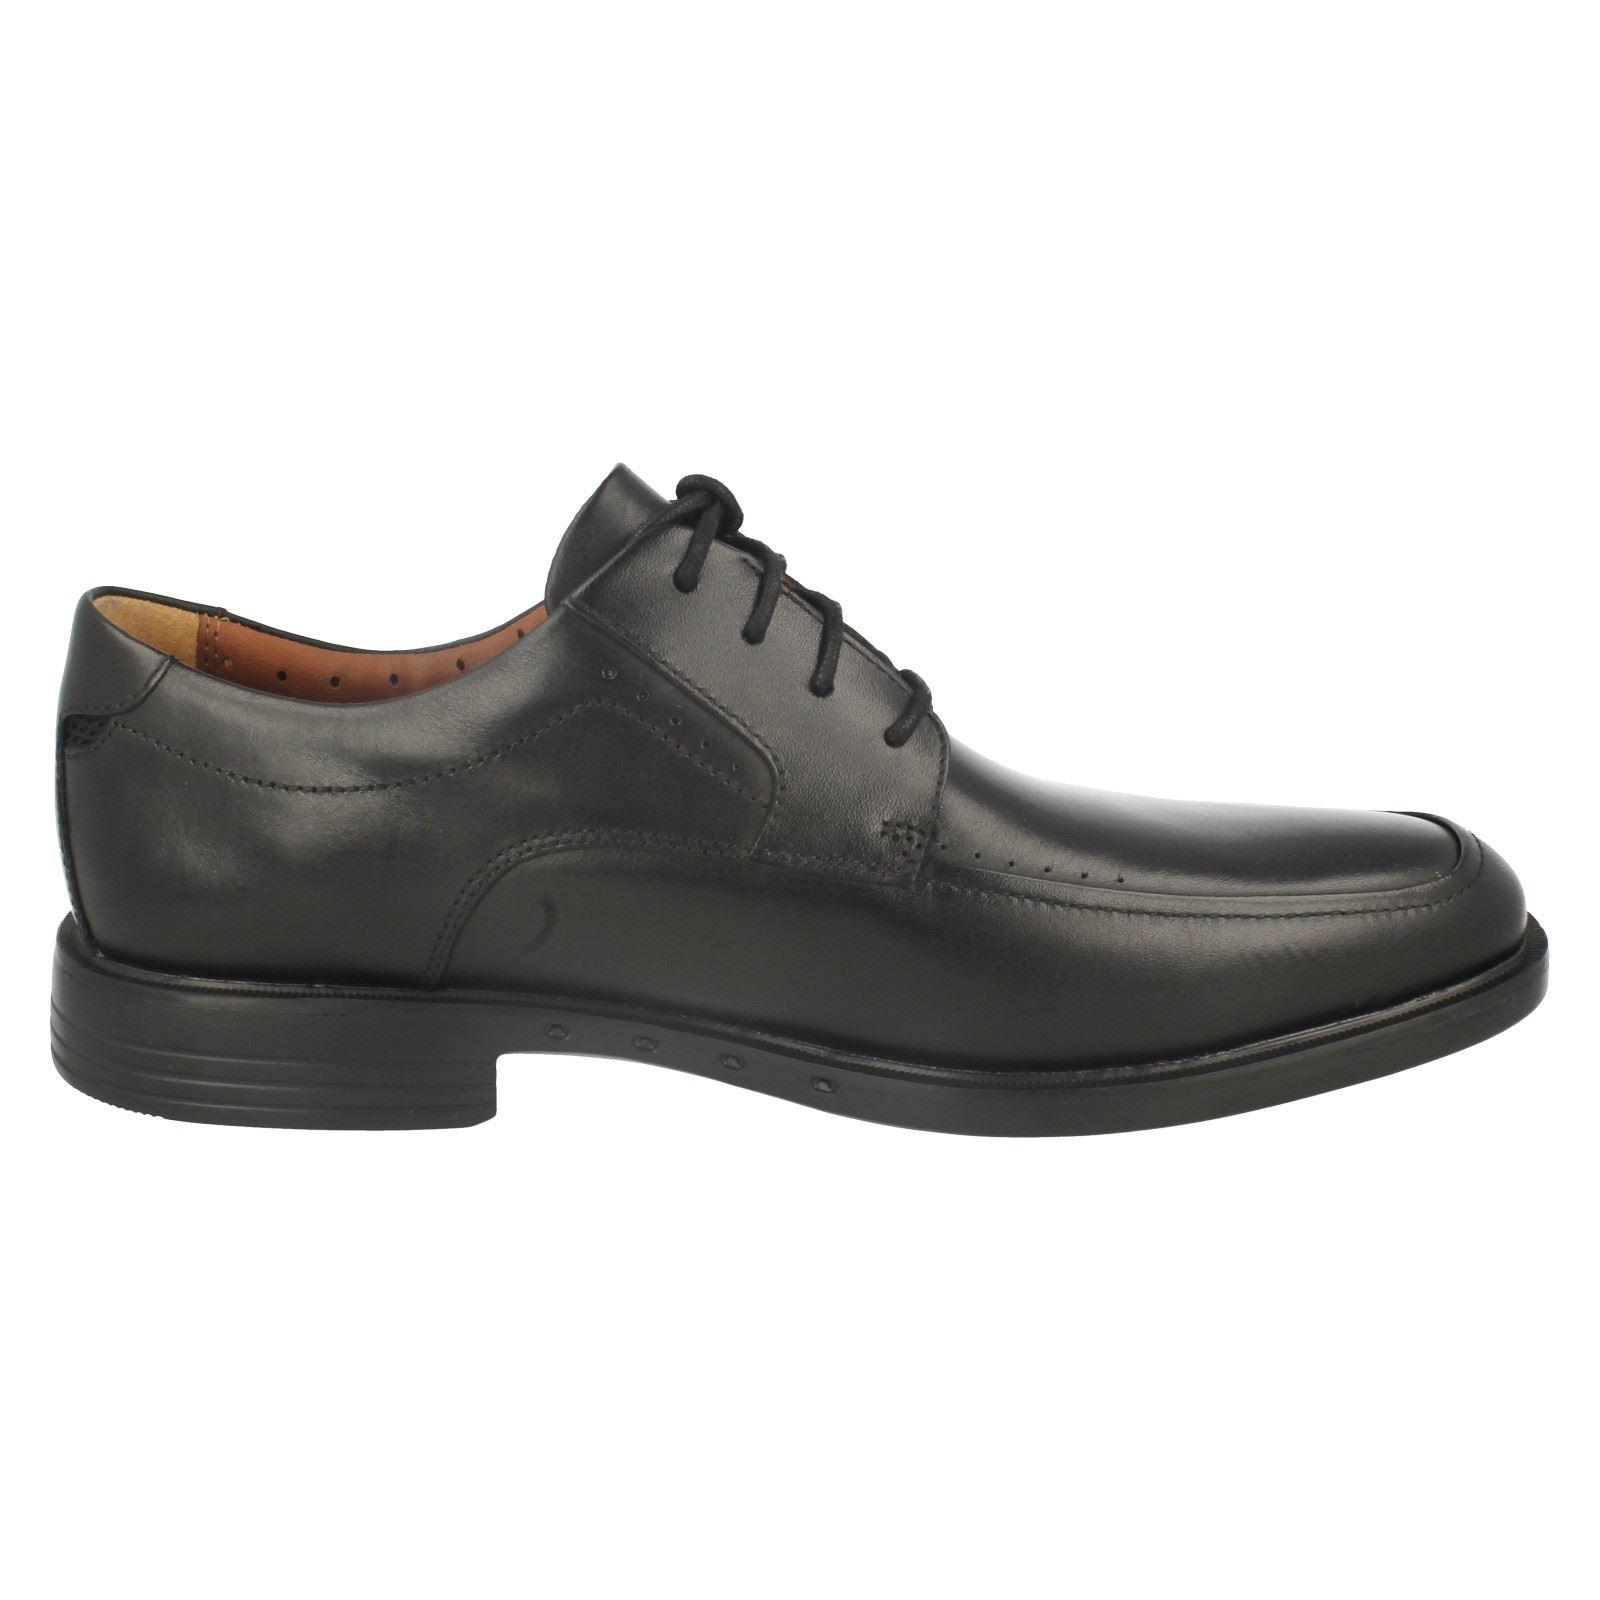 Men's Men's Men's Clarks Unstructured Formal Shoes Label - Unbizley View f443bc